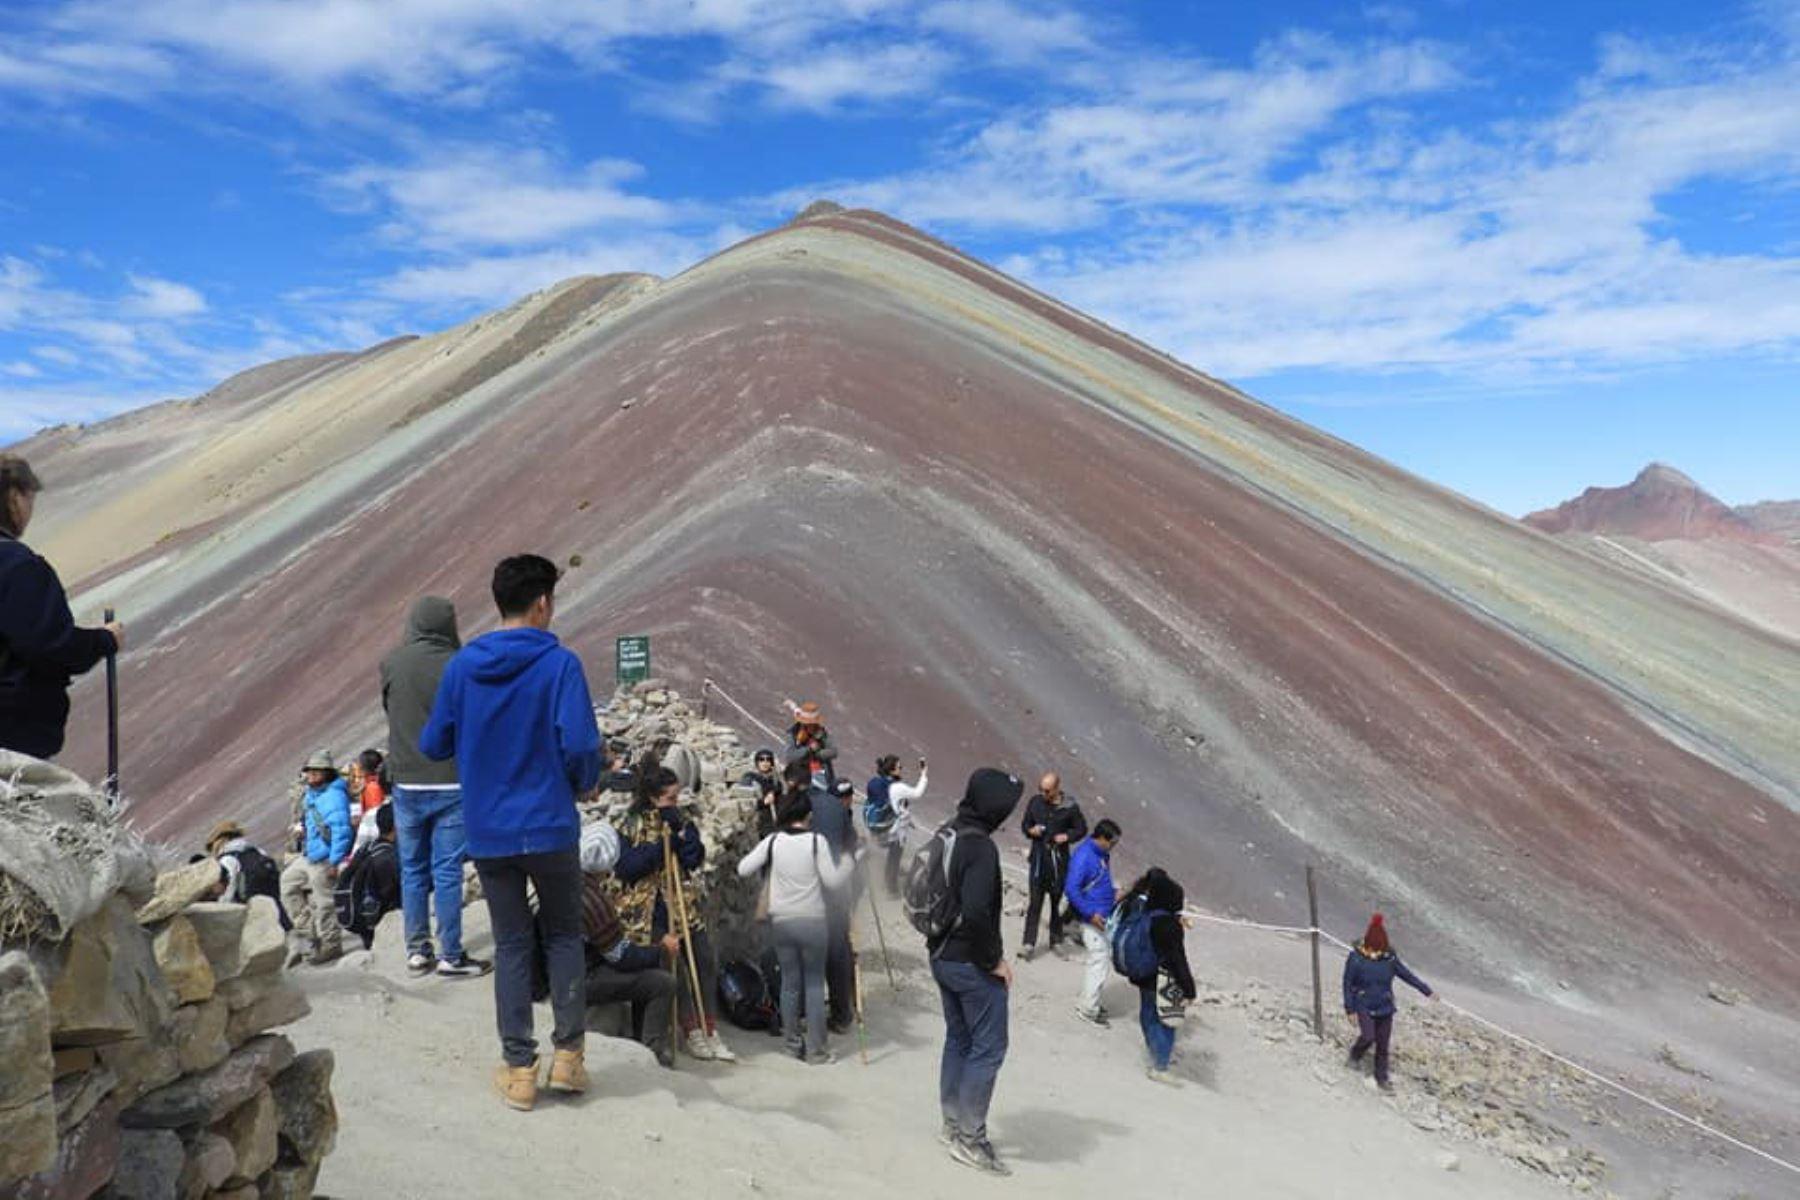 Vinicunca ya es el segundo destino turístico más visitado del Perú. Foto: ANDINA.